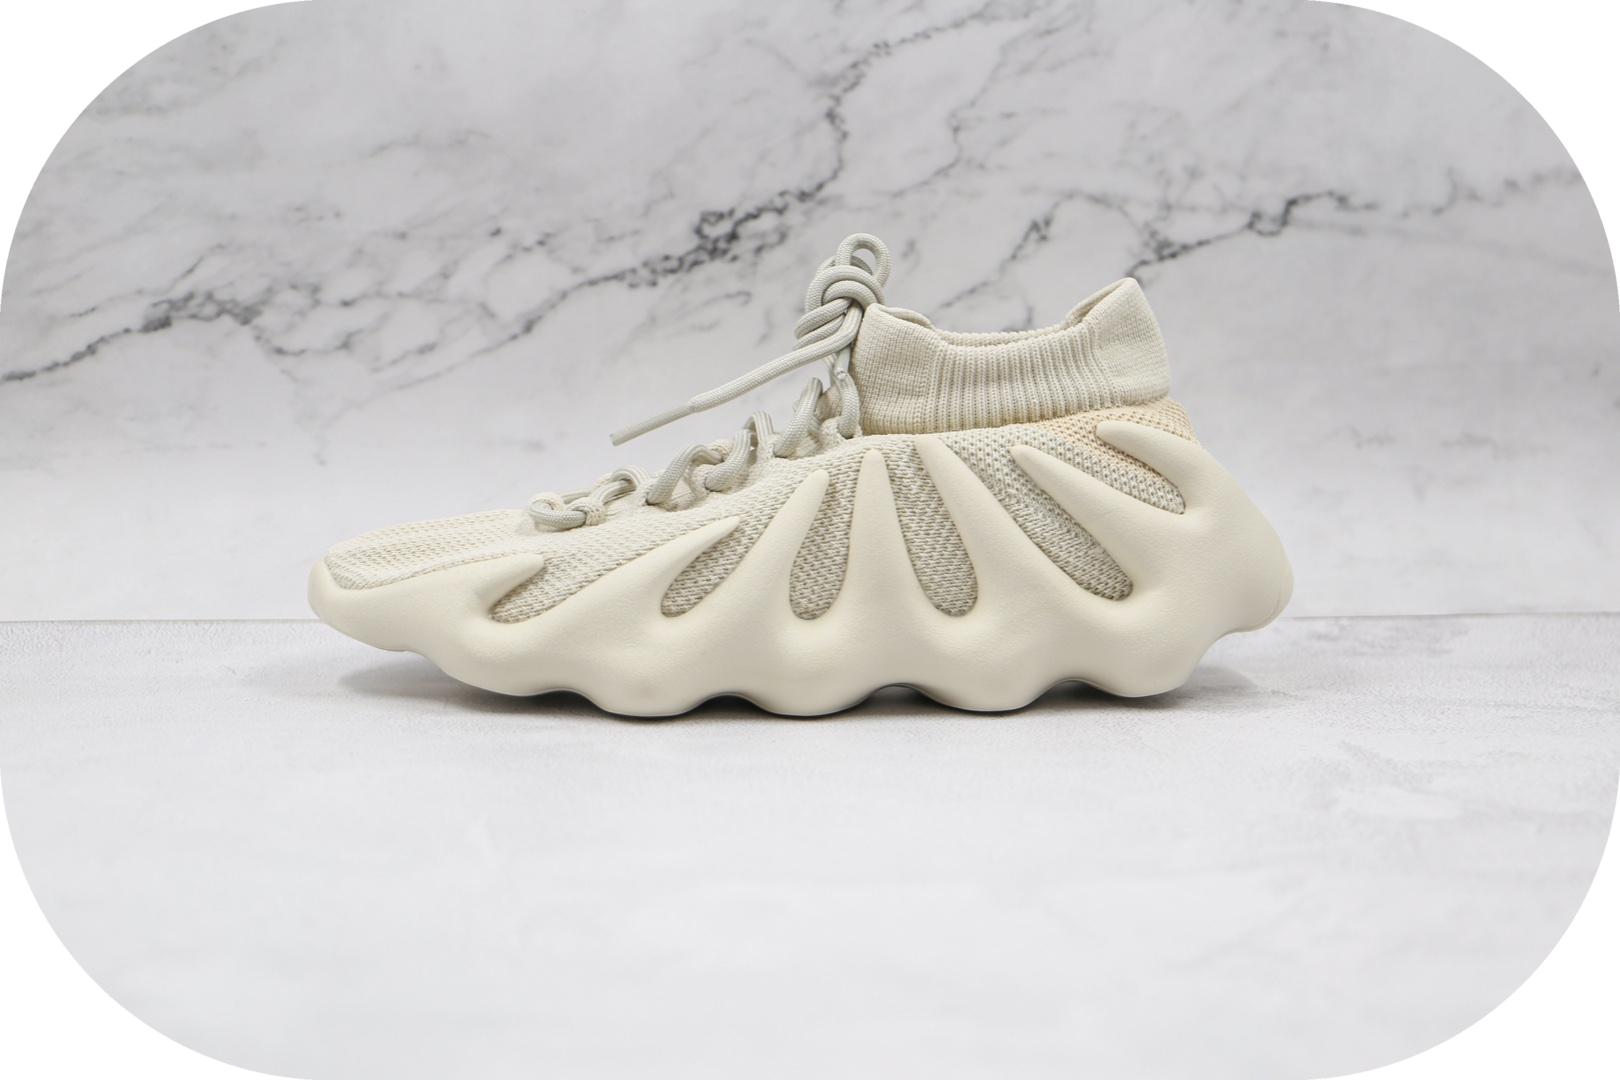 阿迪达斯Adidas Yeezy 450 Sample纯原版本椰子450白色火山编织袜套鞋原盒原标 货号:H68038